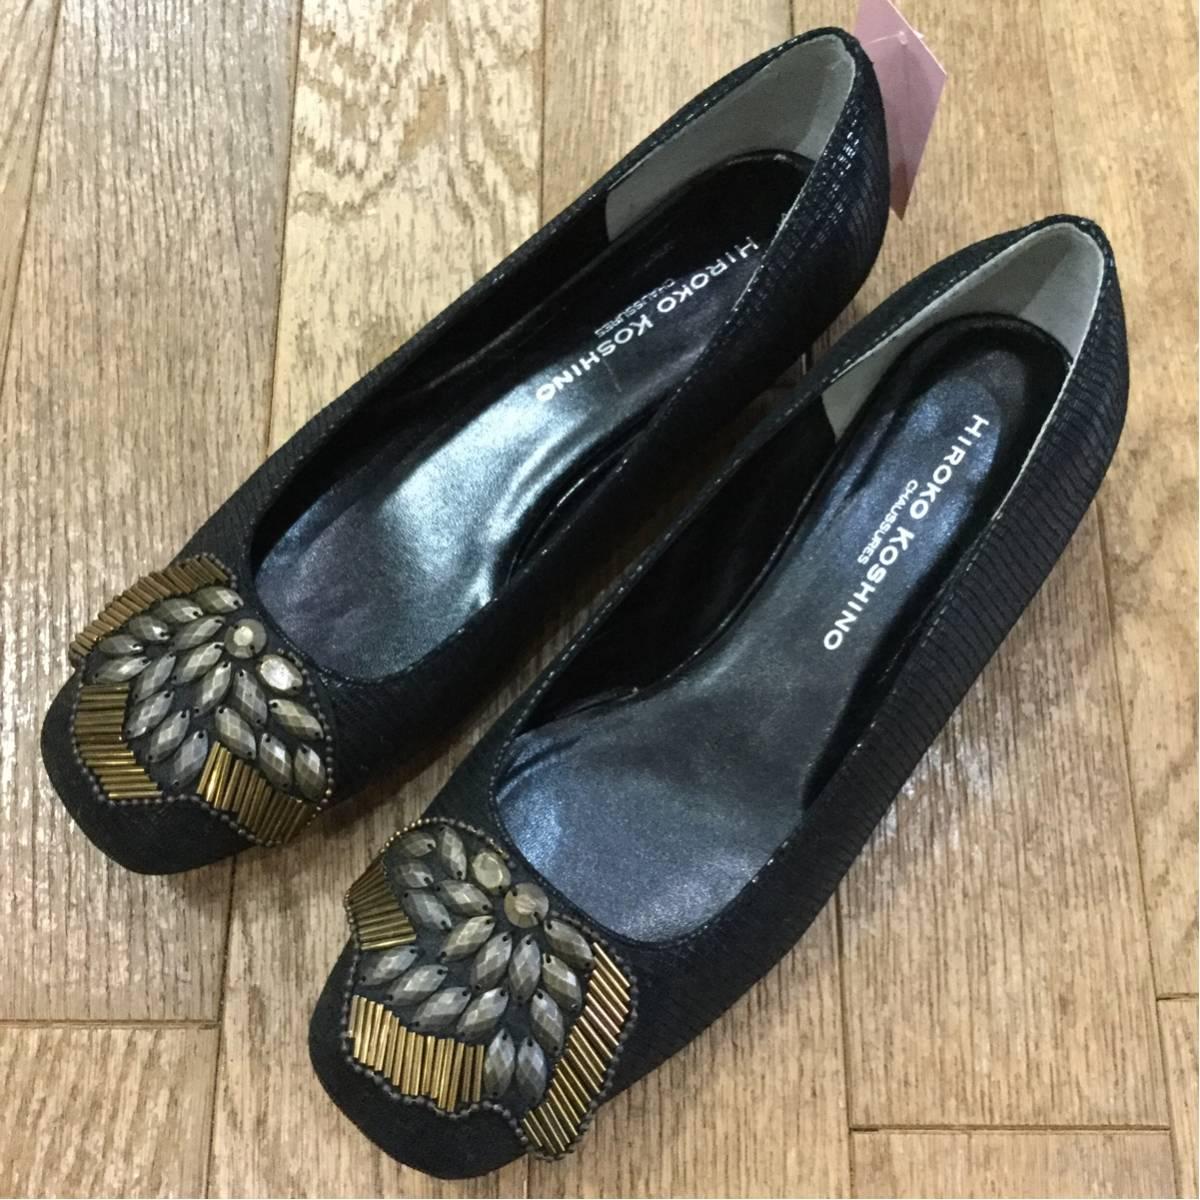 ヒロココシノ 飾り付きローヒール 黒 天然皮革 サイズ24 美品